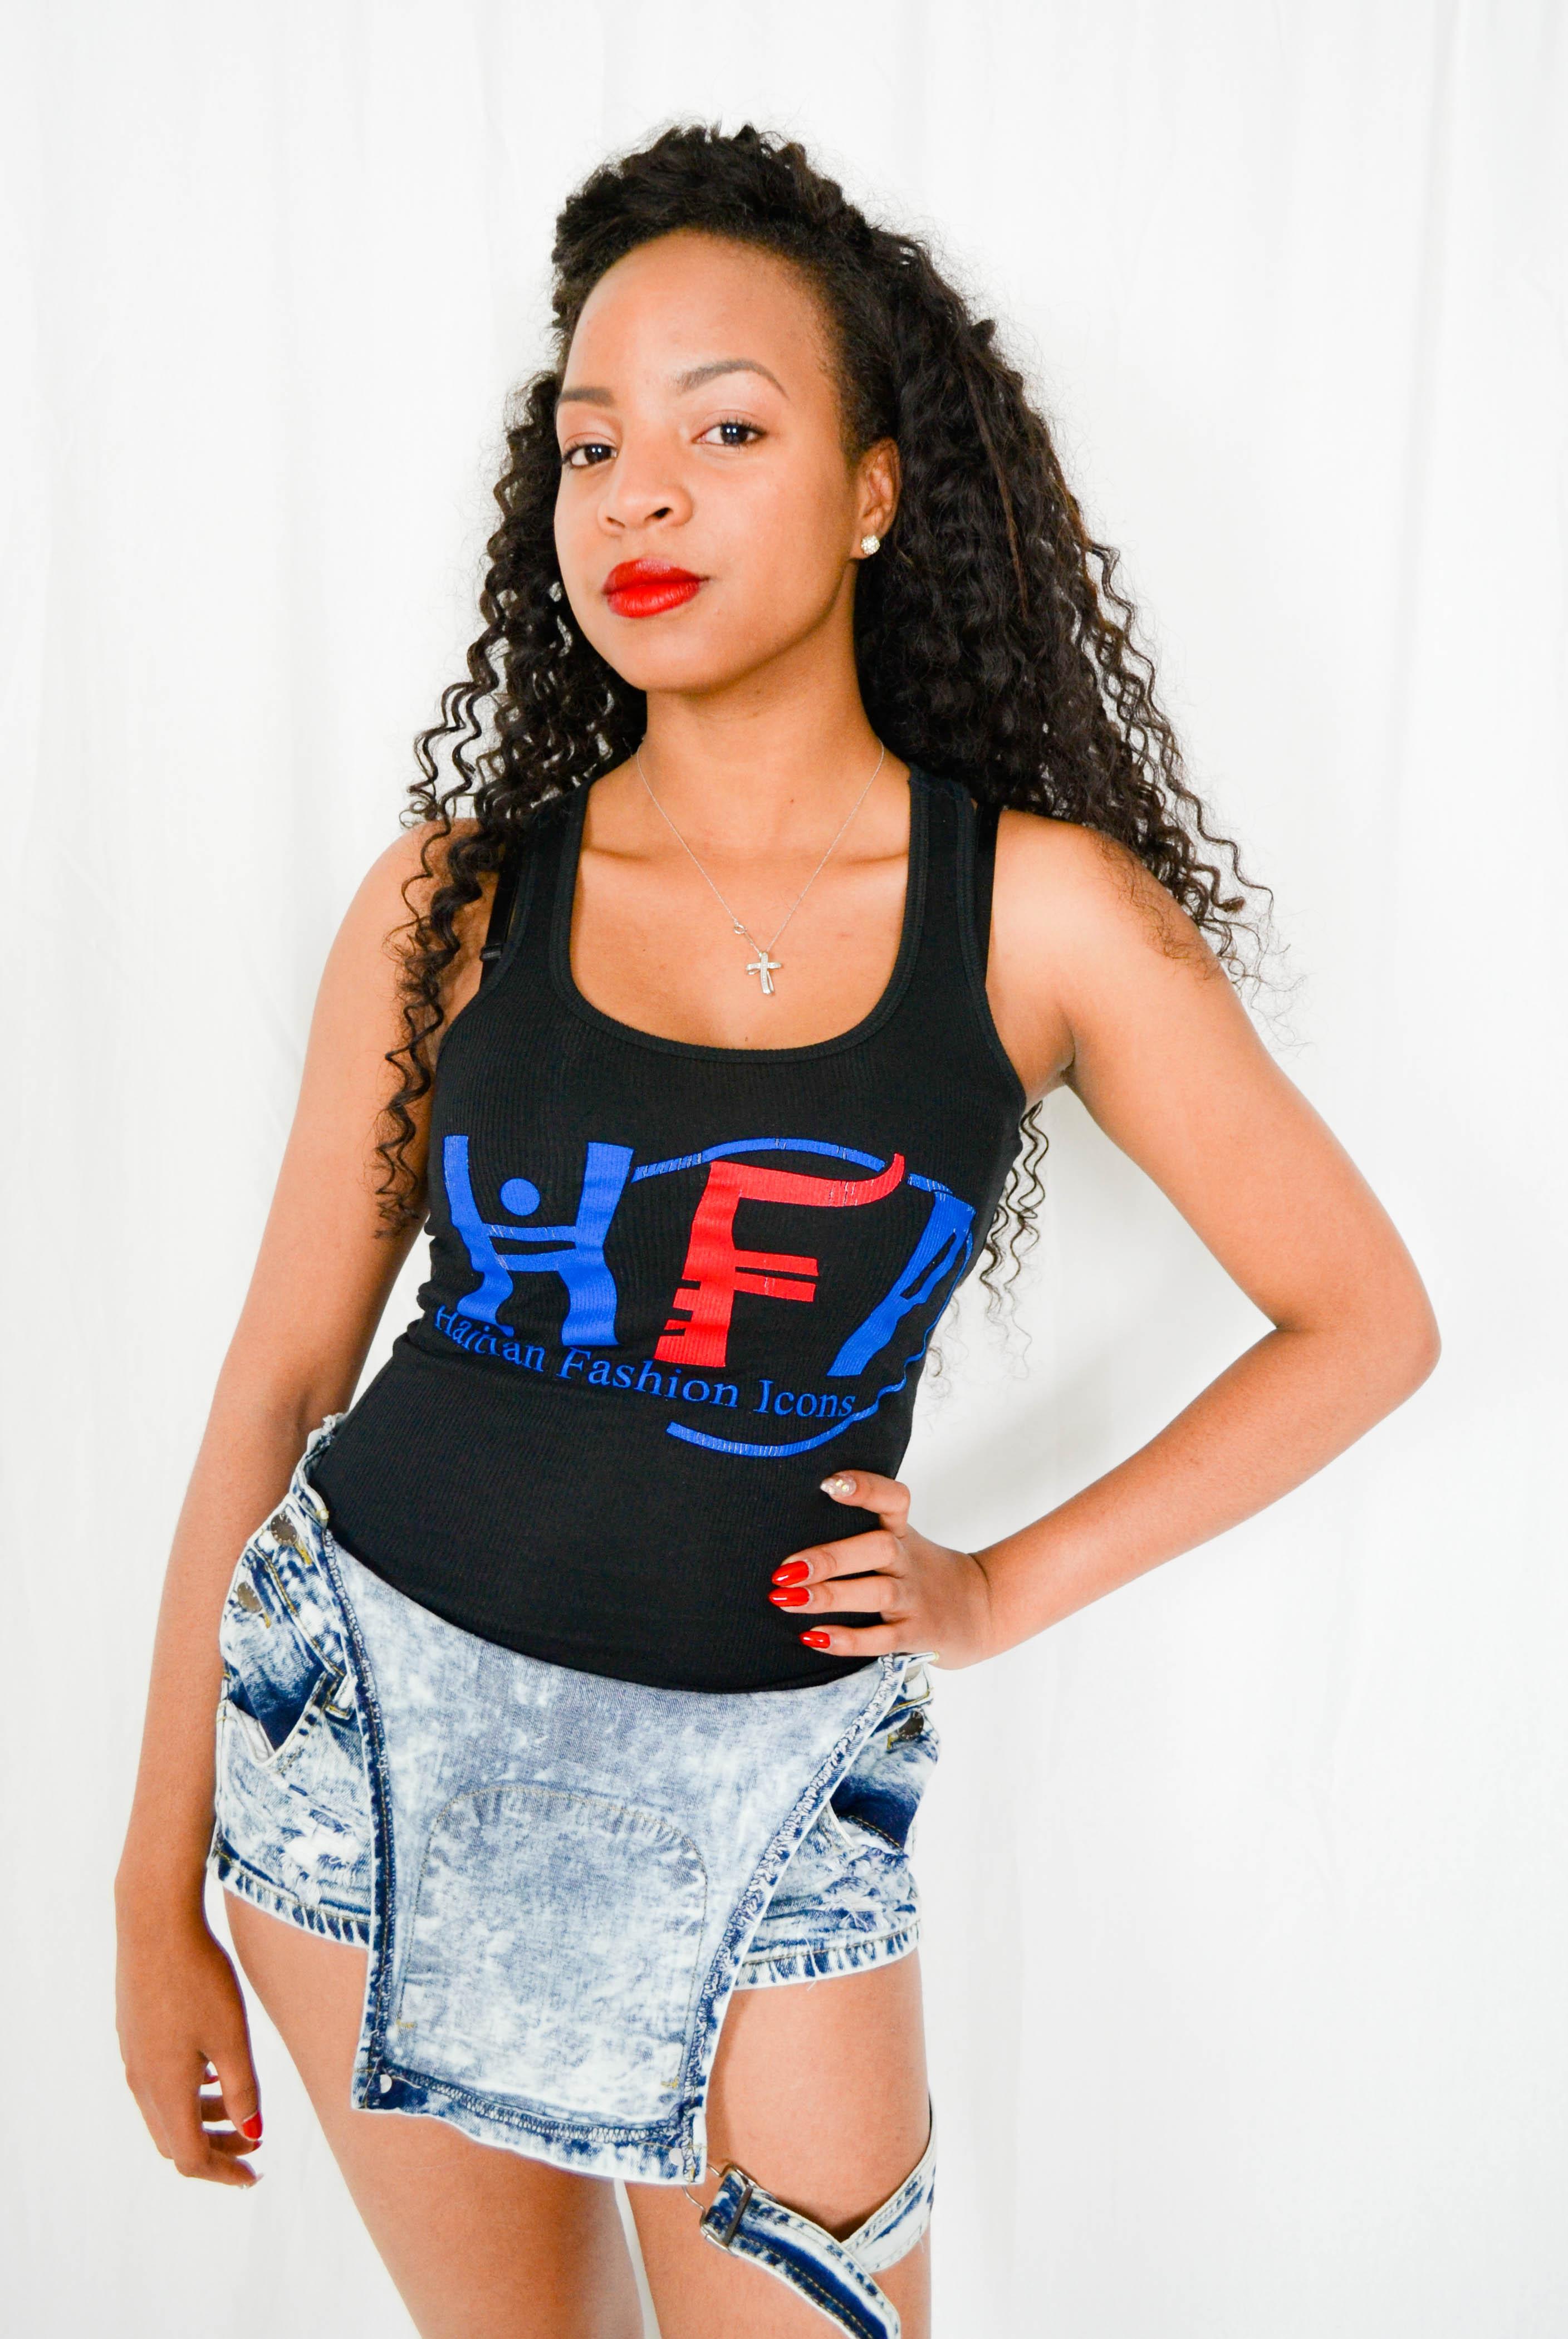 Haitian Fashion Icons Tank Top